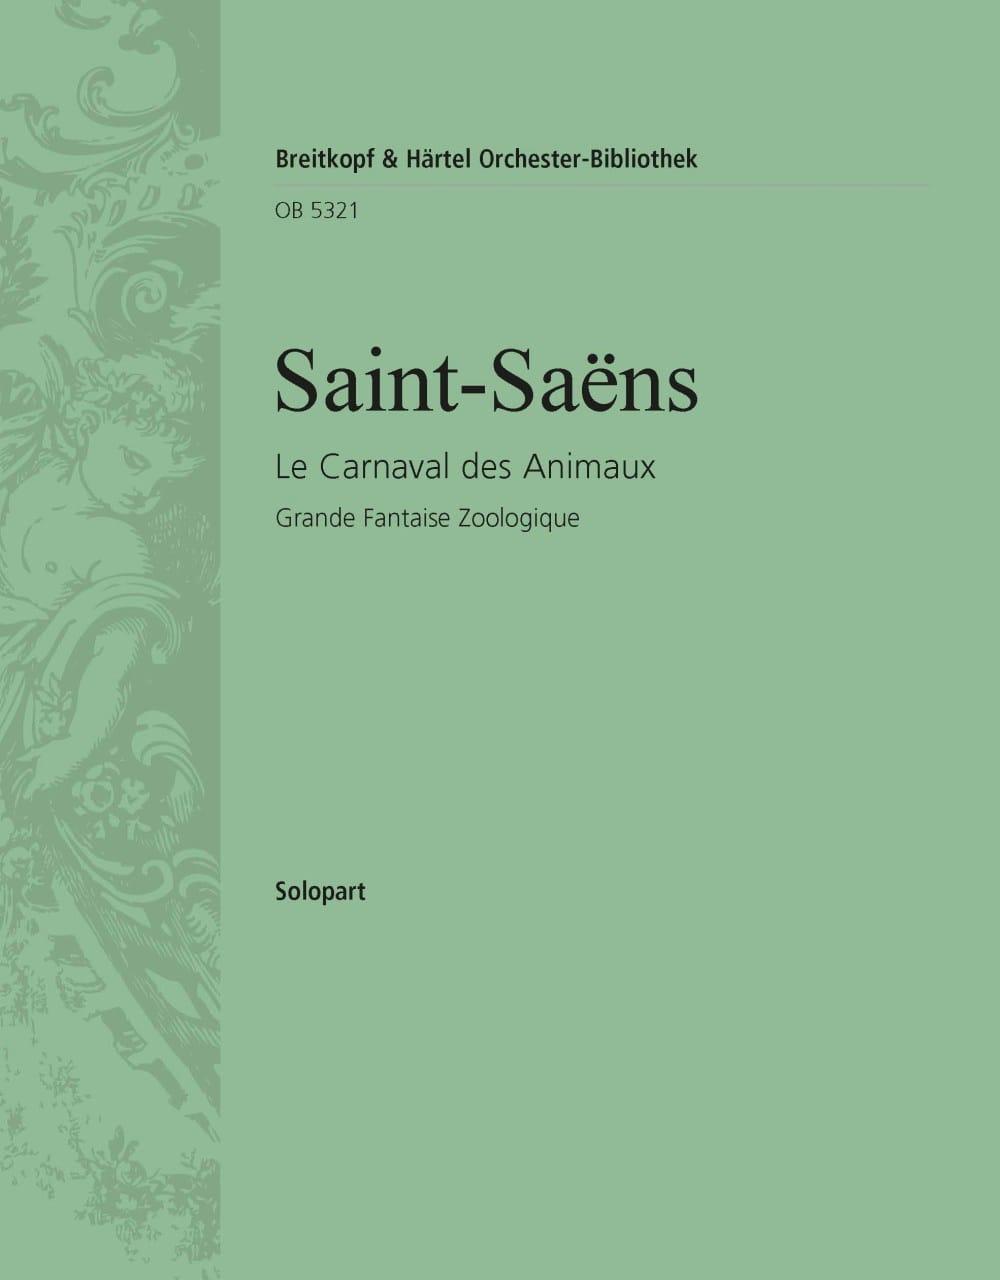 Le Carnaval des Animaux - SAINT-SAËNS - Partition - laflutedepan.com